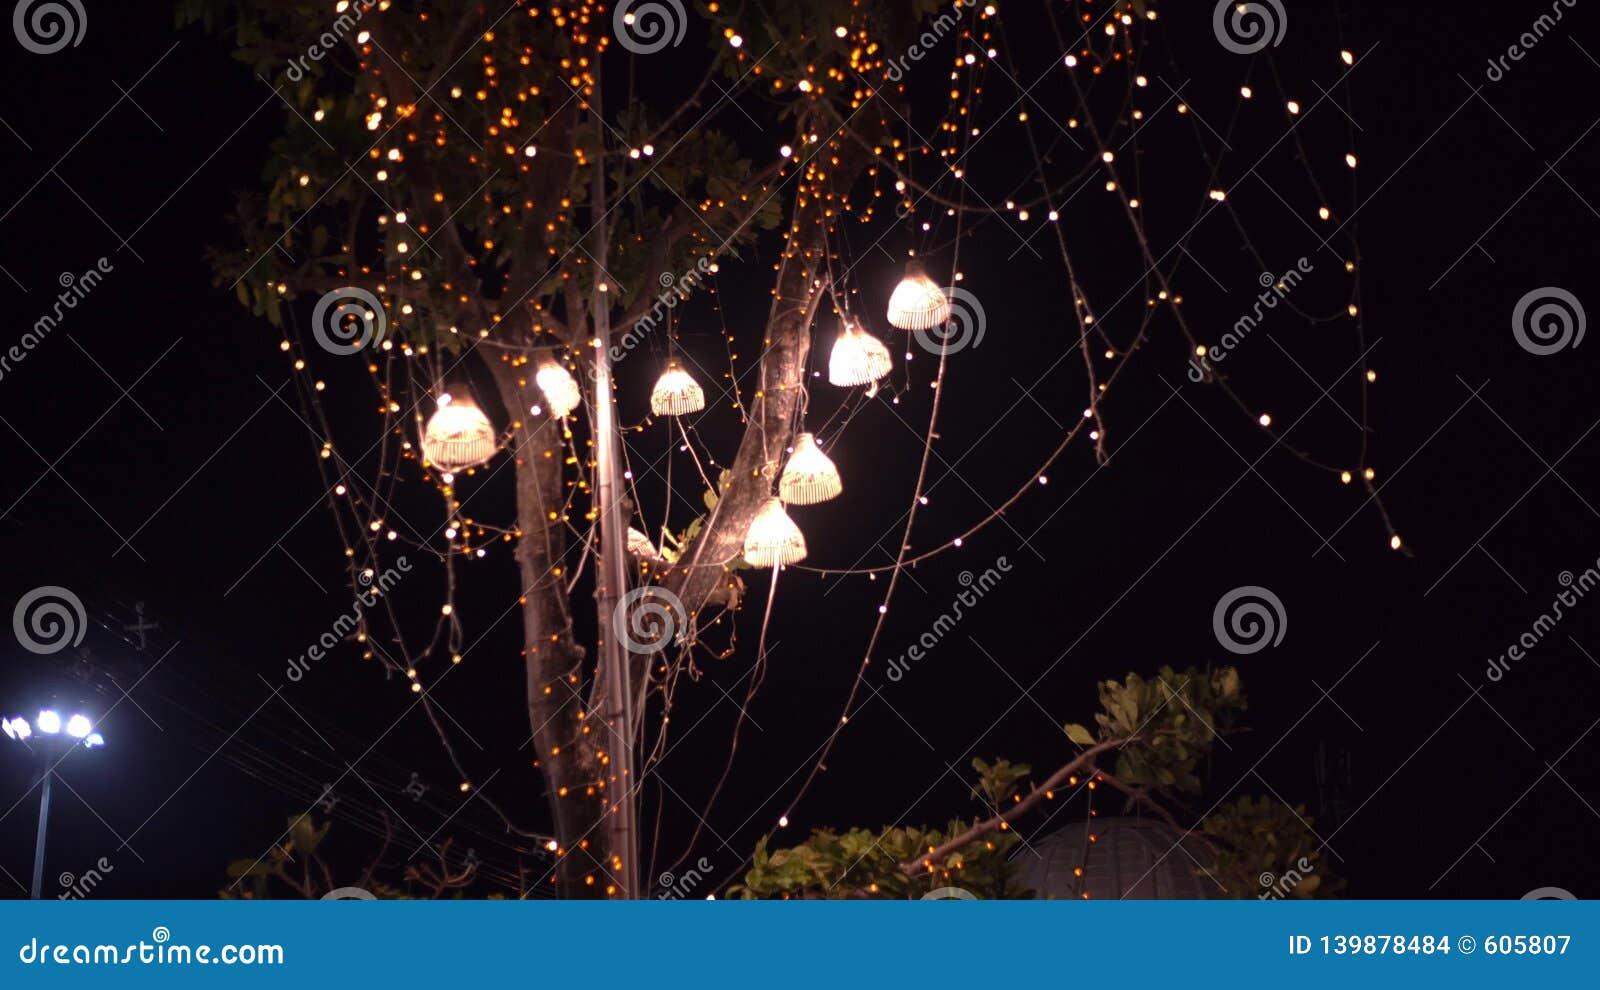 Λάμπες φωτός υποβάθρου υπαίθριες σε ένα καλώδιο ενάντια στο δάσος σούρουπου, έννοια διακοπών